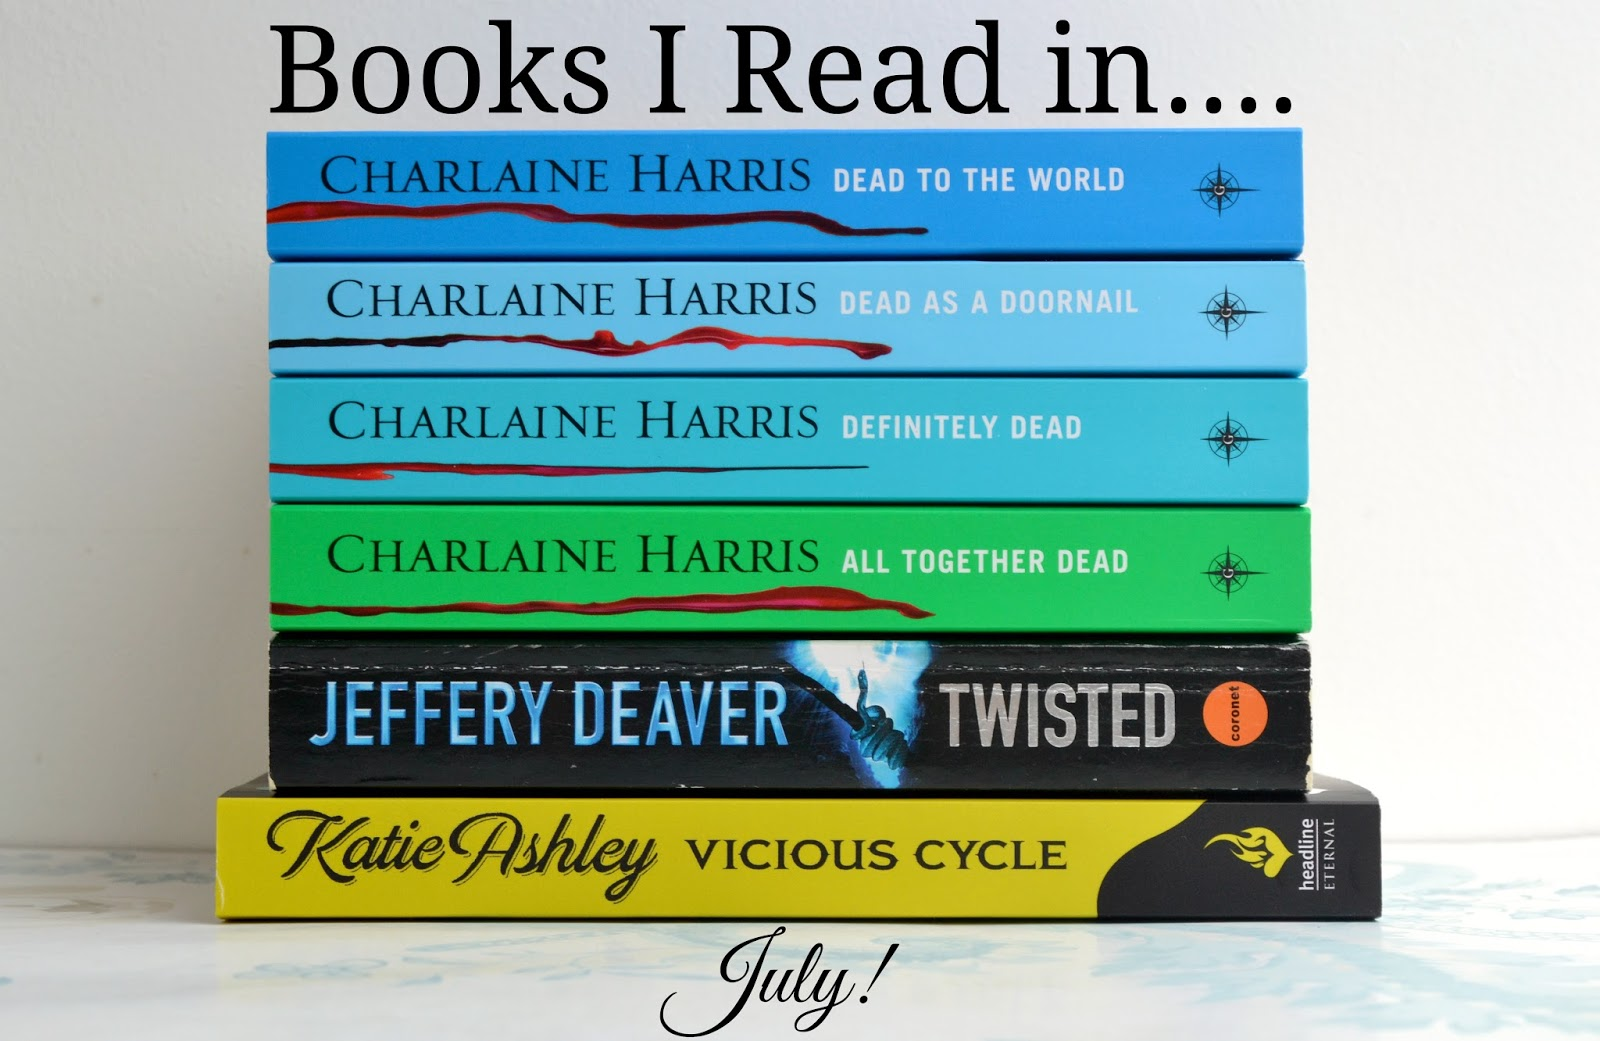 jeffery deaver books